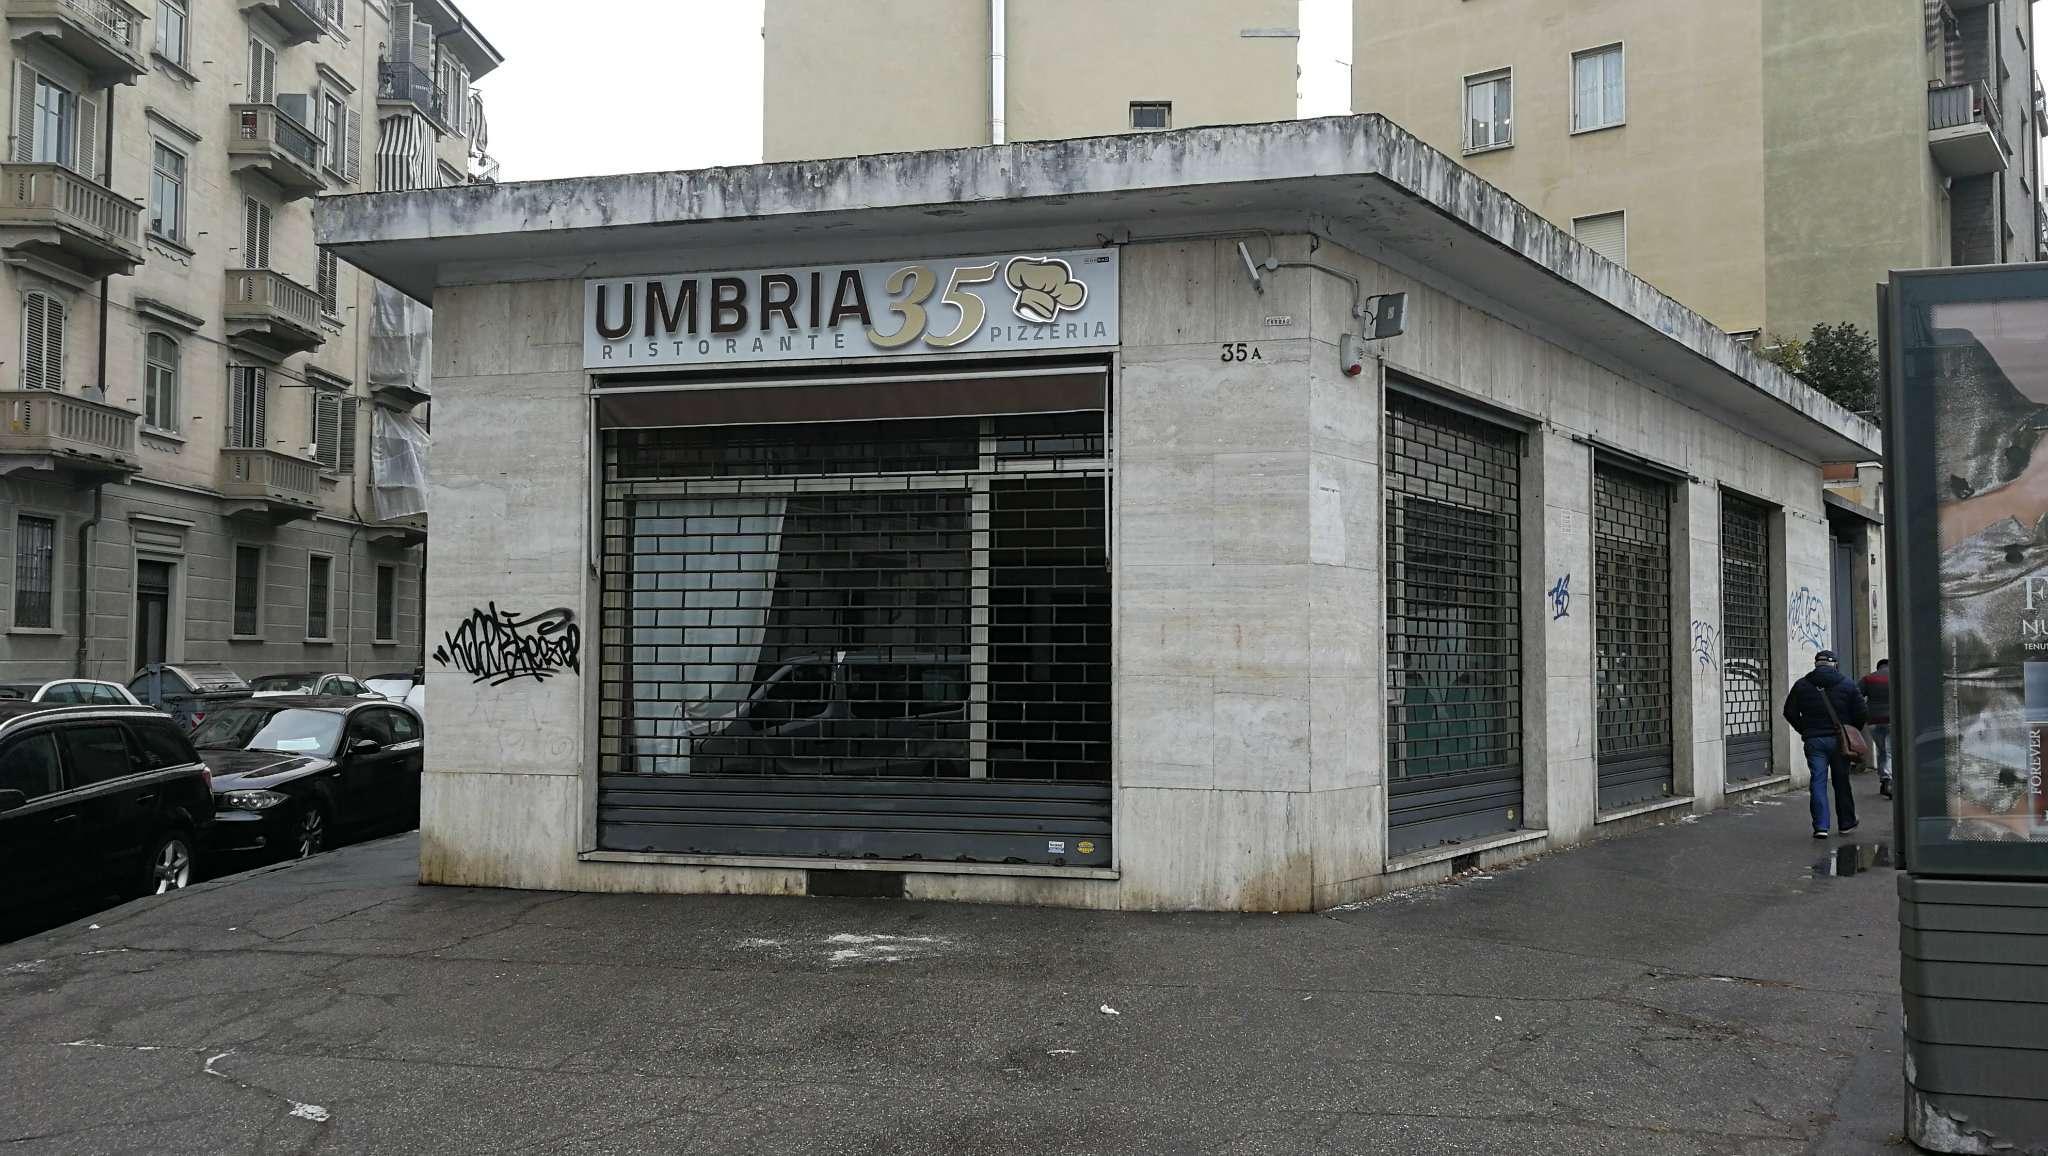 Negozio in affitto Zona Cit Turin, San Donato, Campidoglio - corso umbria 35 Torino